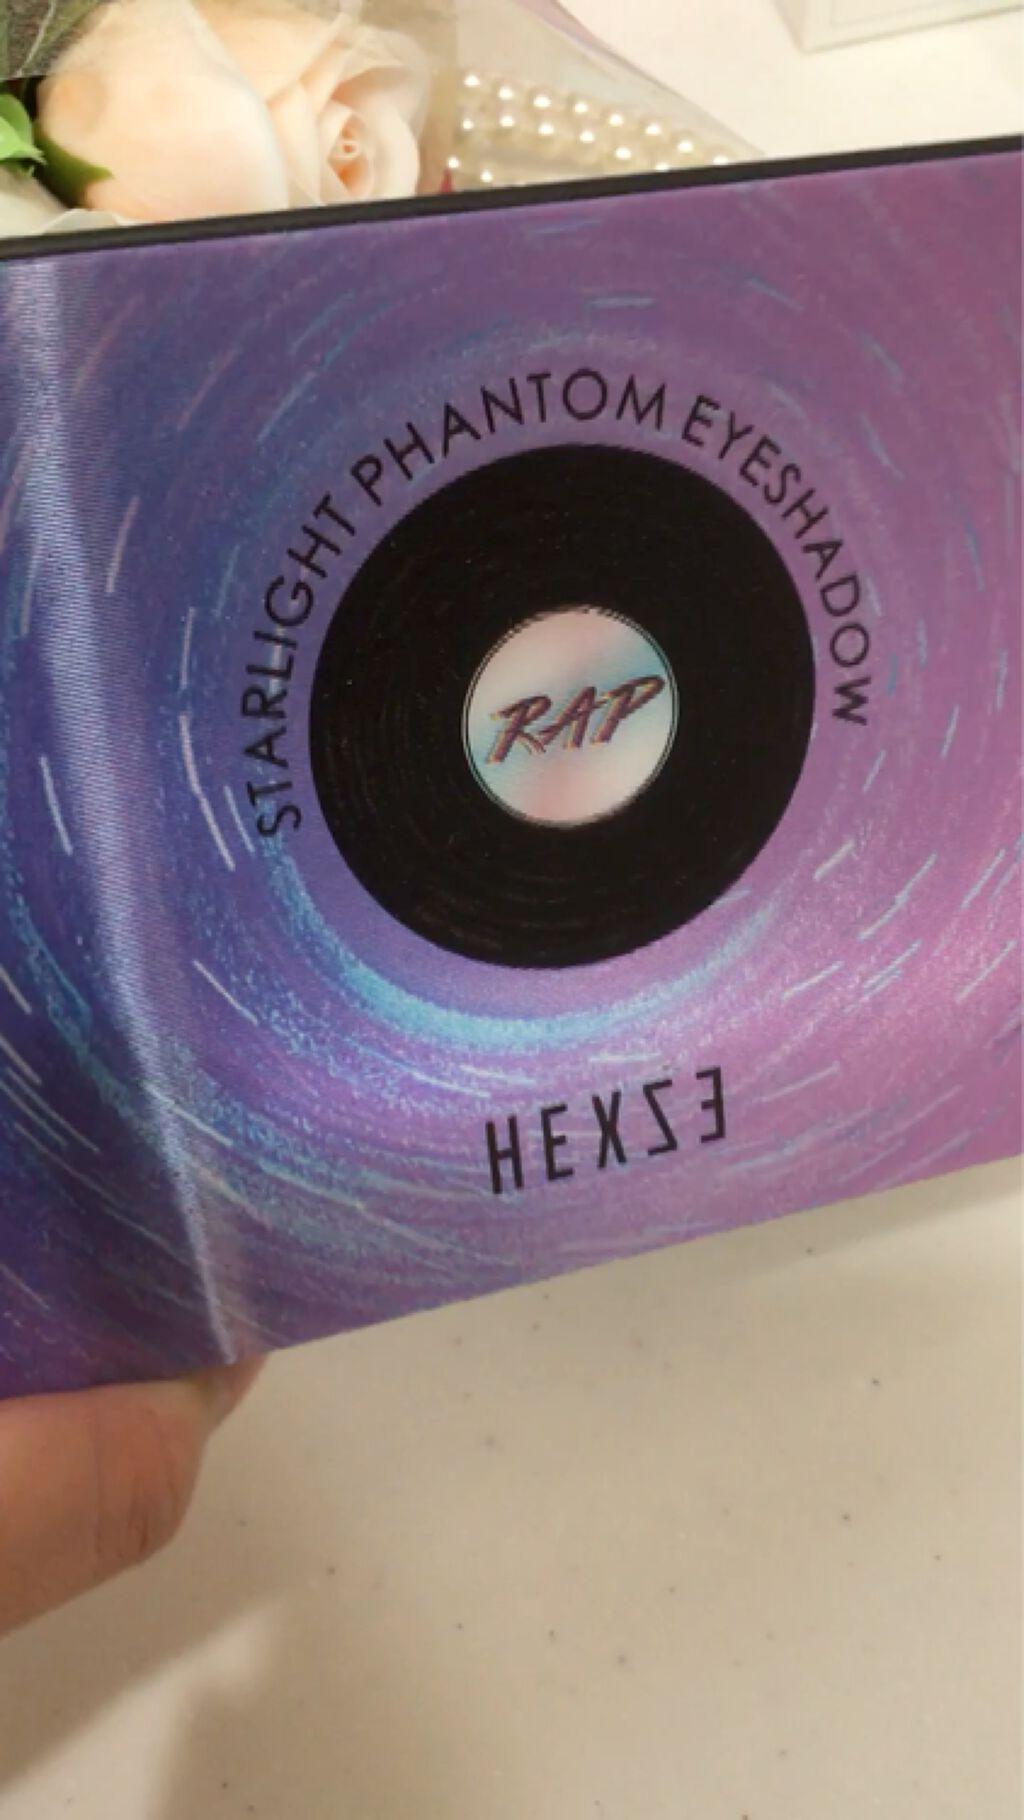 HEXZEスターライトファントム12アイシャドウ01/HEXZE(ヘックスゼ)/パウダーアイシャドウを使ったクチコミ(2枚目)